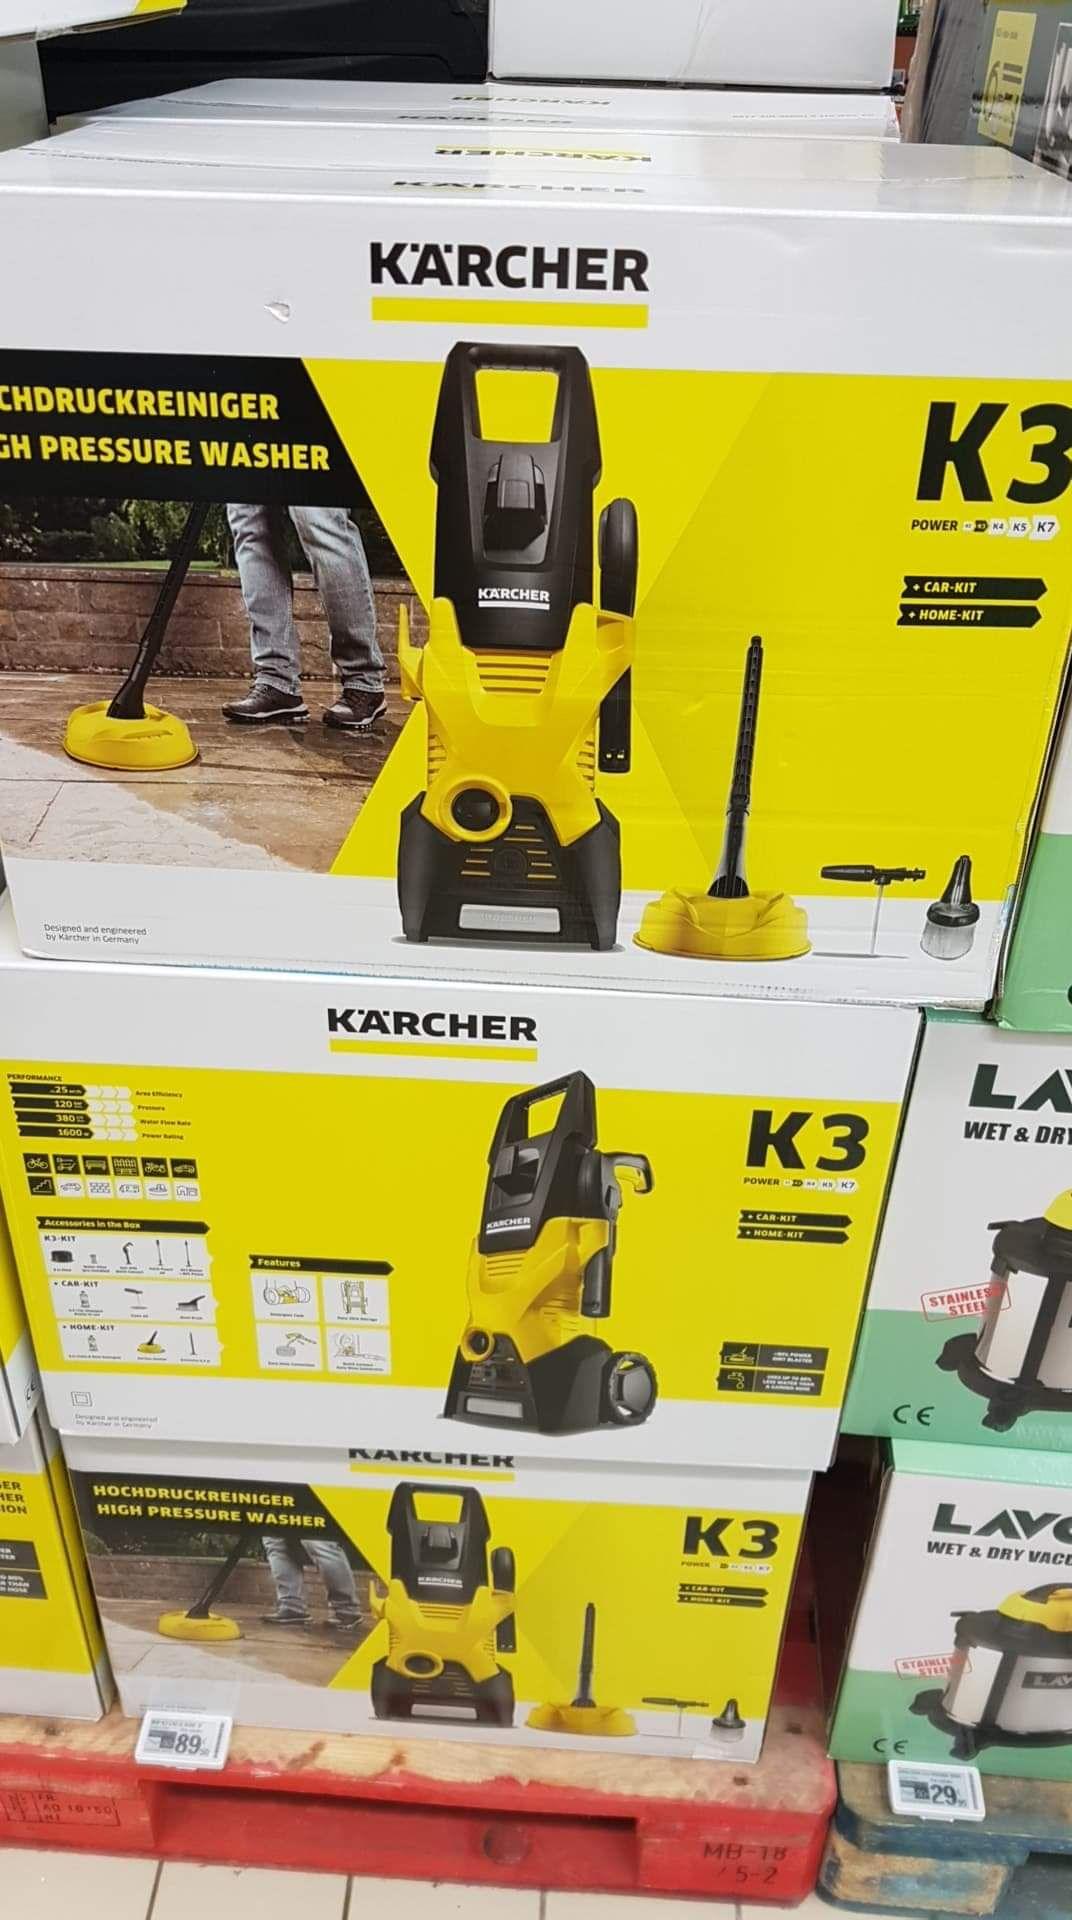 Nettoyeur haute pression Karcher K3 avec kit Car&Home - Leclerc Saint Aunés (34)